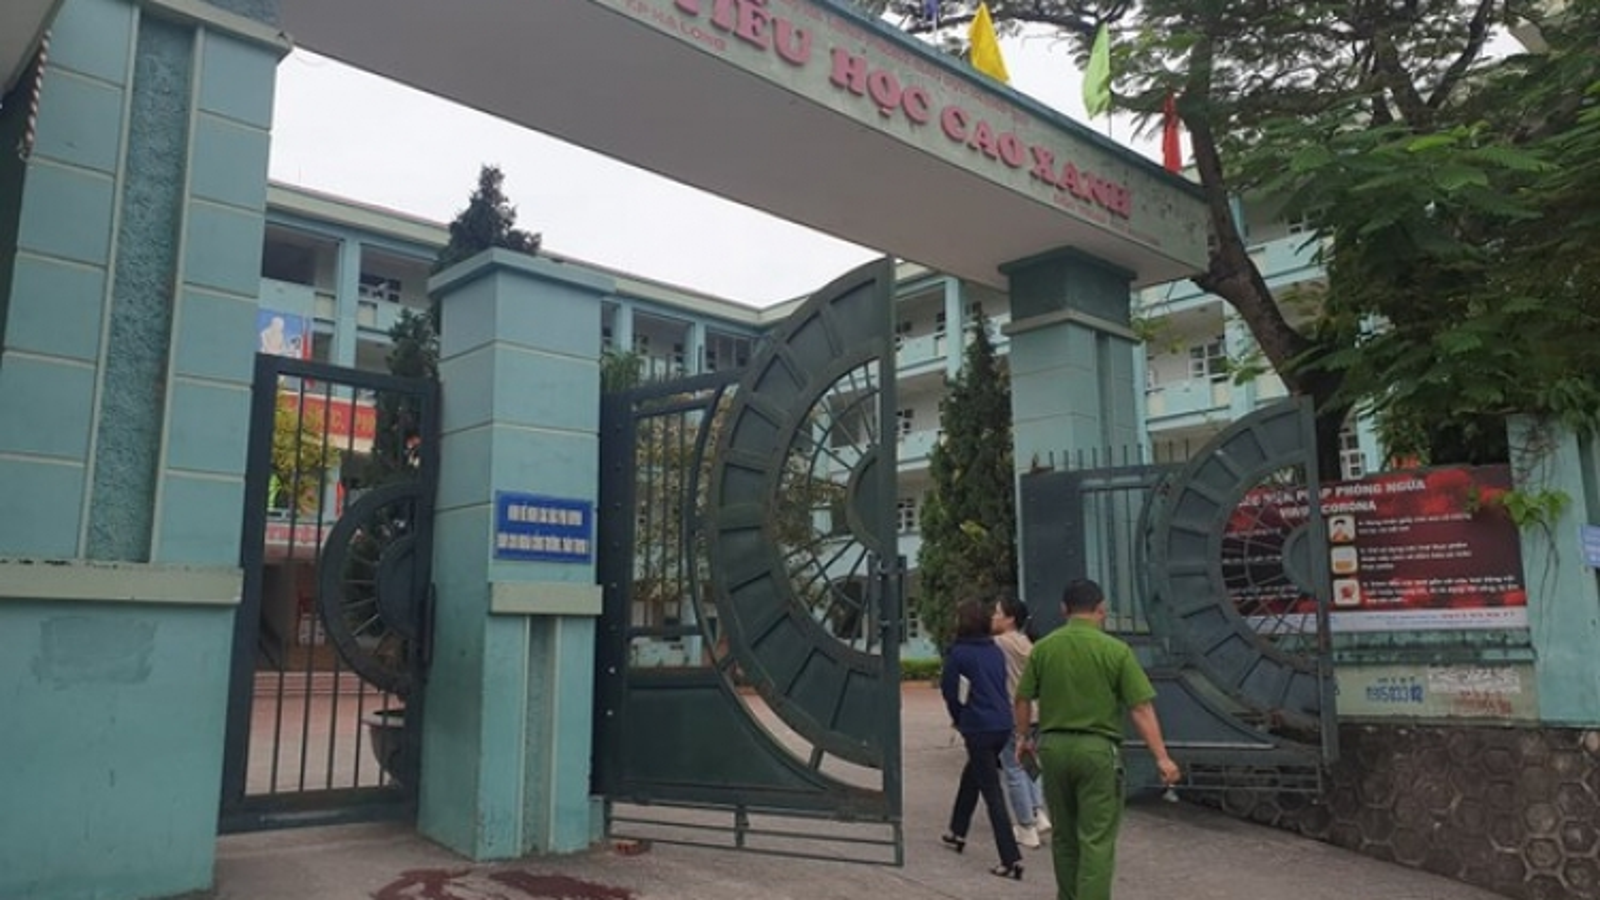 Quảng Ninh: Phụ huynh ẩu đả trước cổng trường học, một người bị đâm trọng thương